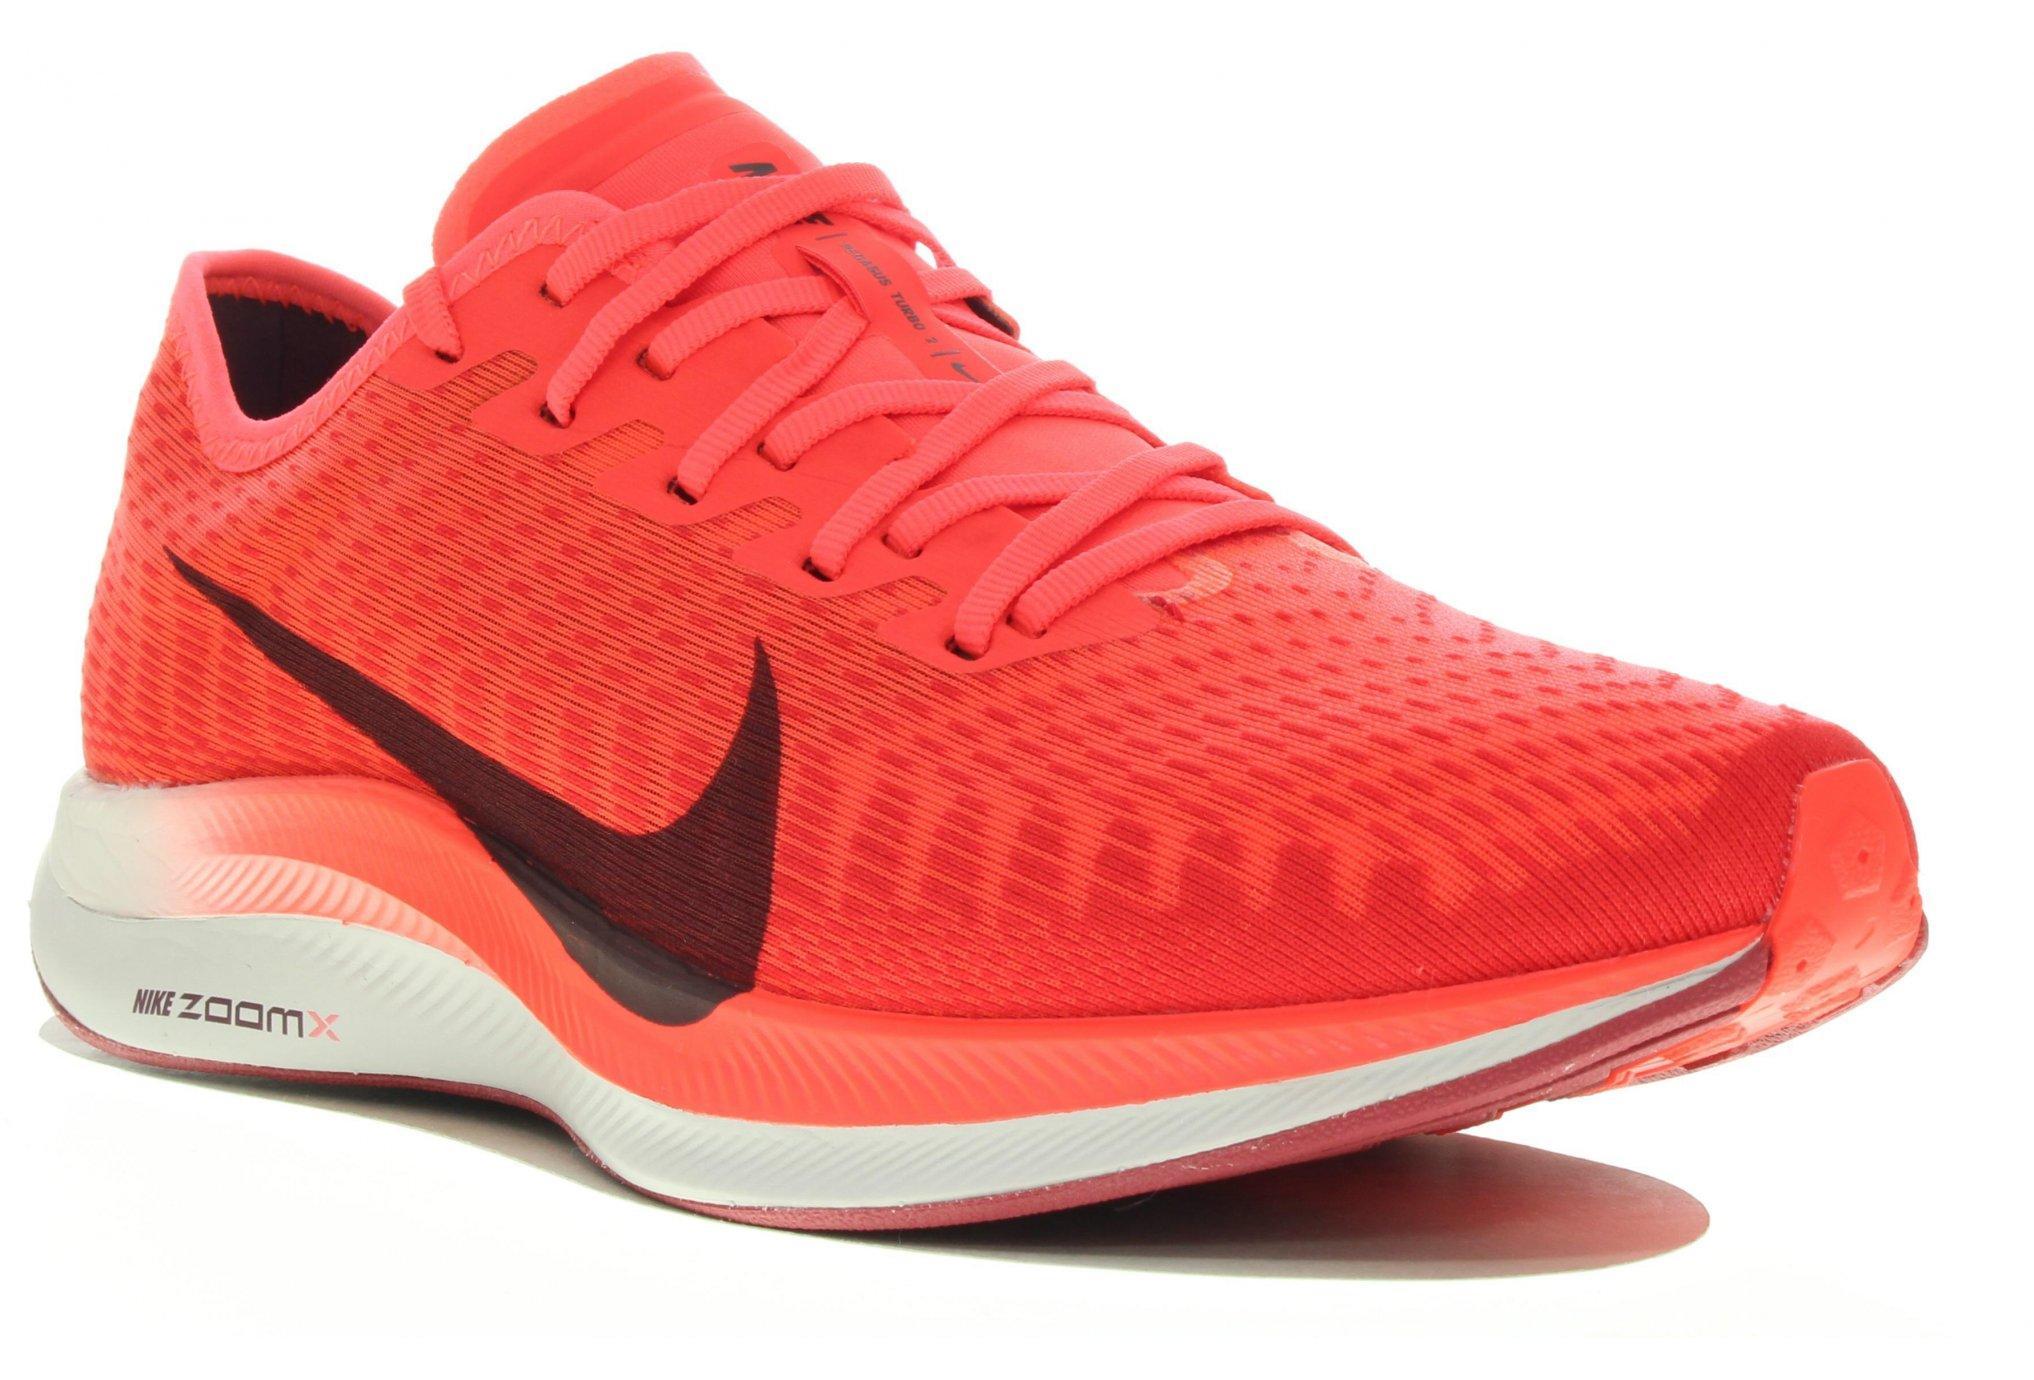 Zoom Pegasus Turbo 2 Zapatillas de running Nike de Tejido sintético de color Rojo para hombre